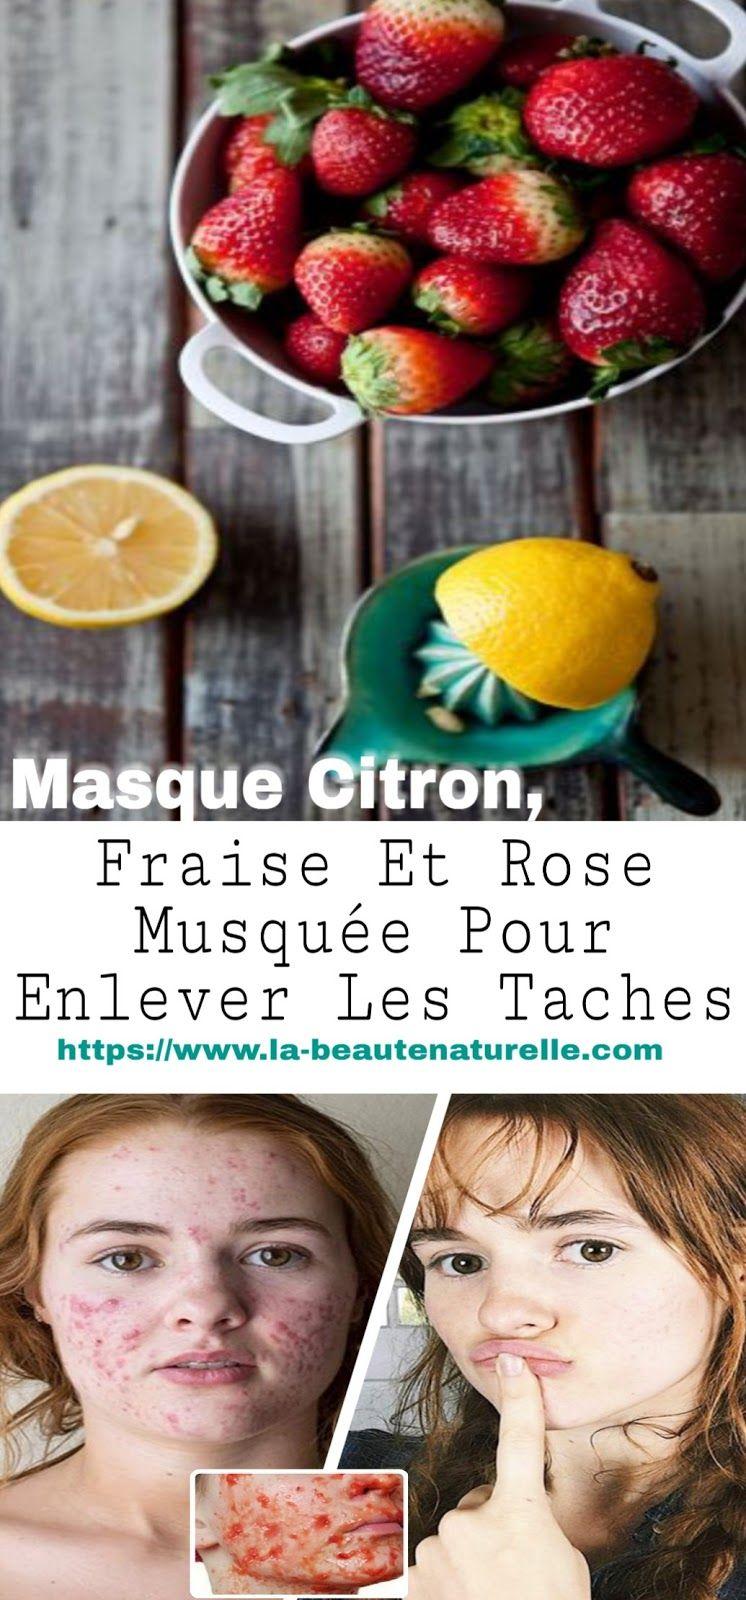 Masque Citron Fraise Et Rose Musquee Pour Enlever Les Taches Fraise Tache Et Citron